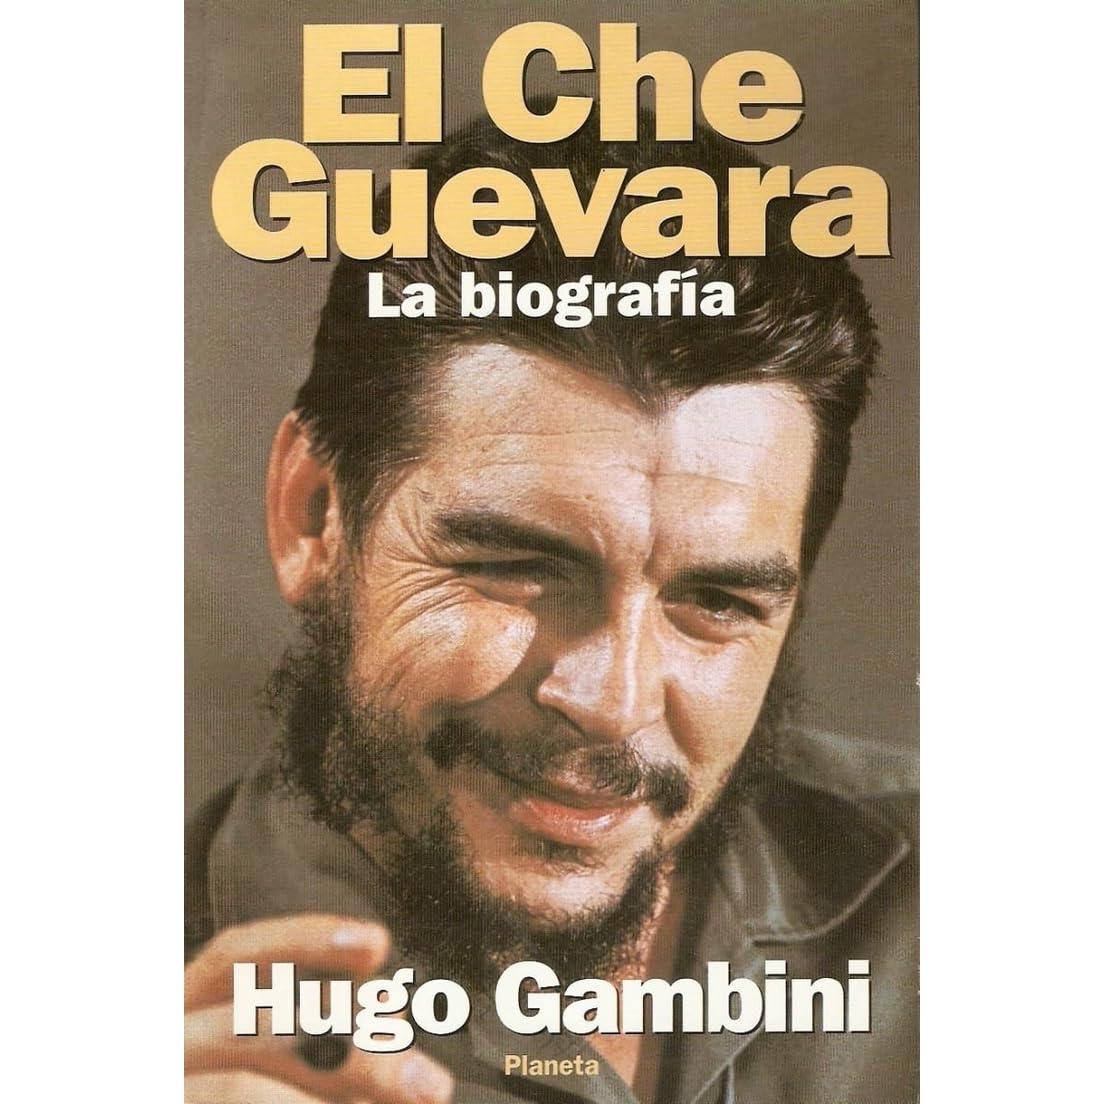 el che guevara: la biografíahugo gambini — reviews, discussion